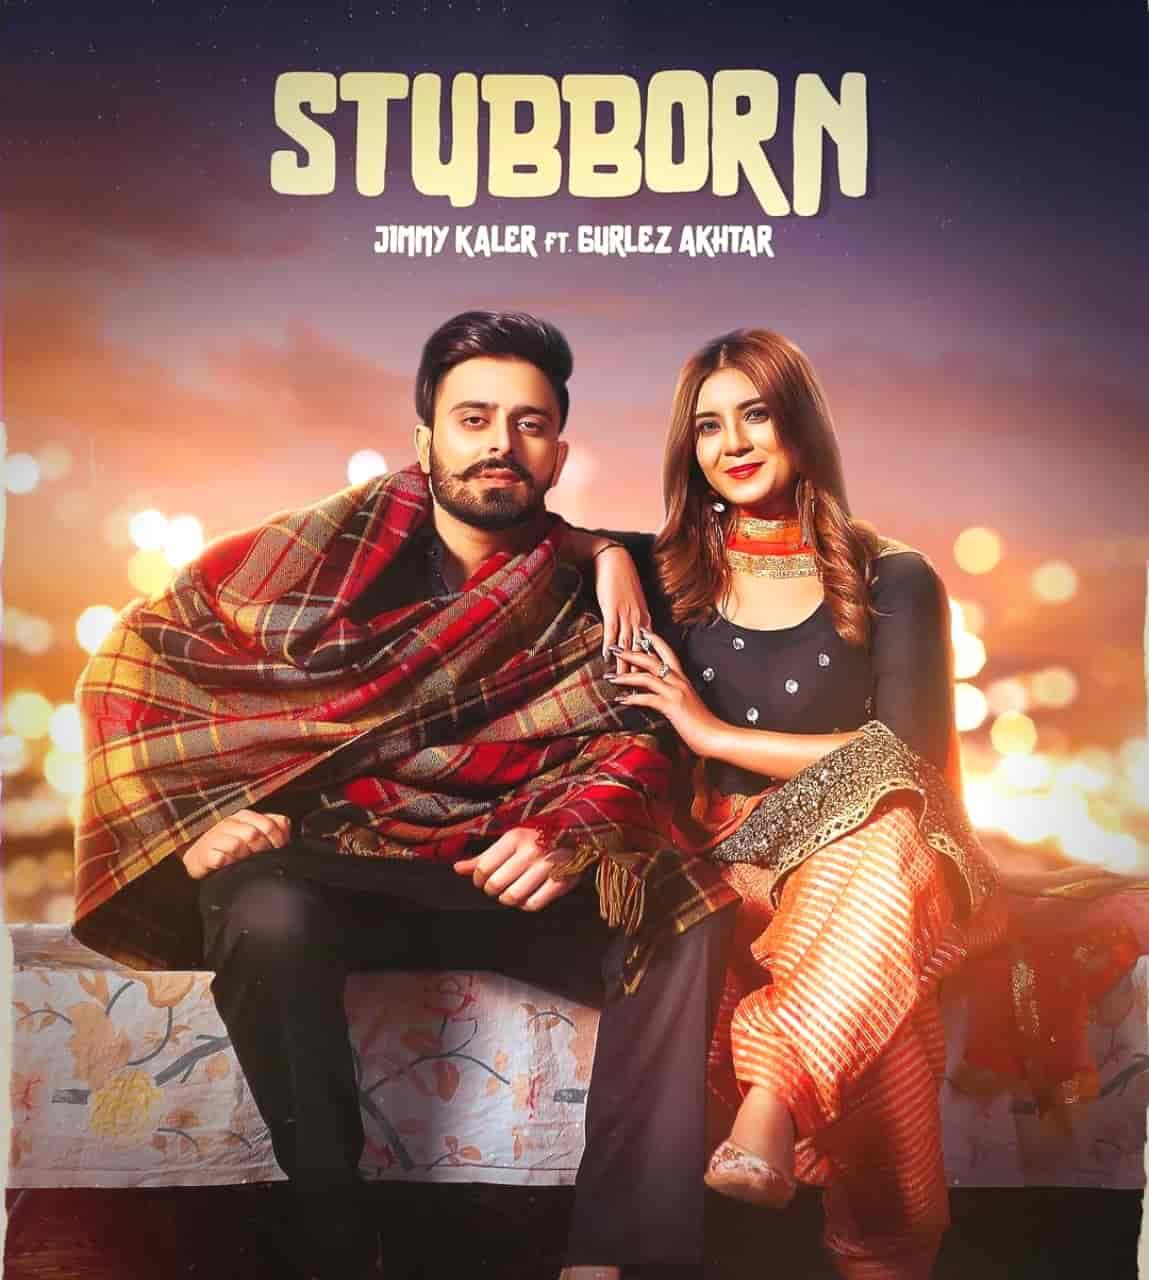 Stubborn Punjabi Song Image Features Jimmy Kaler and Gurlez Akhtar